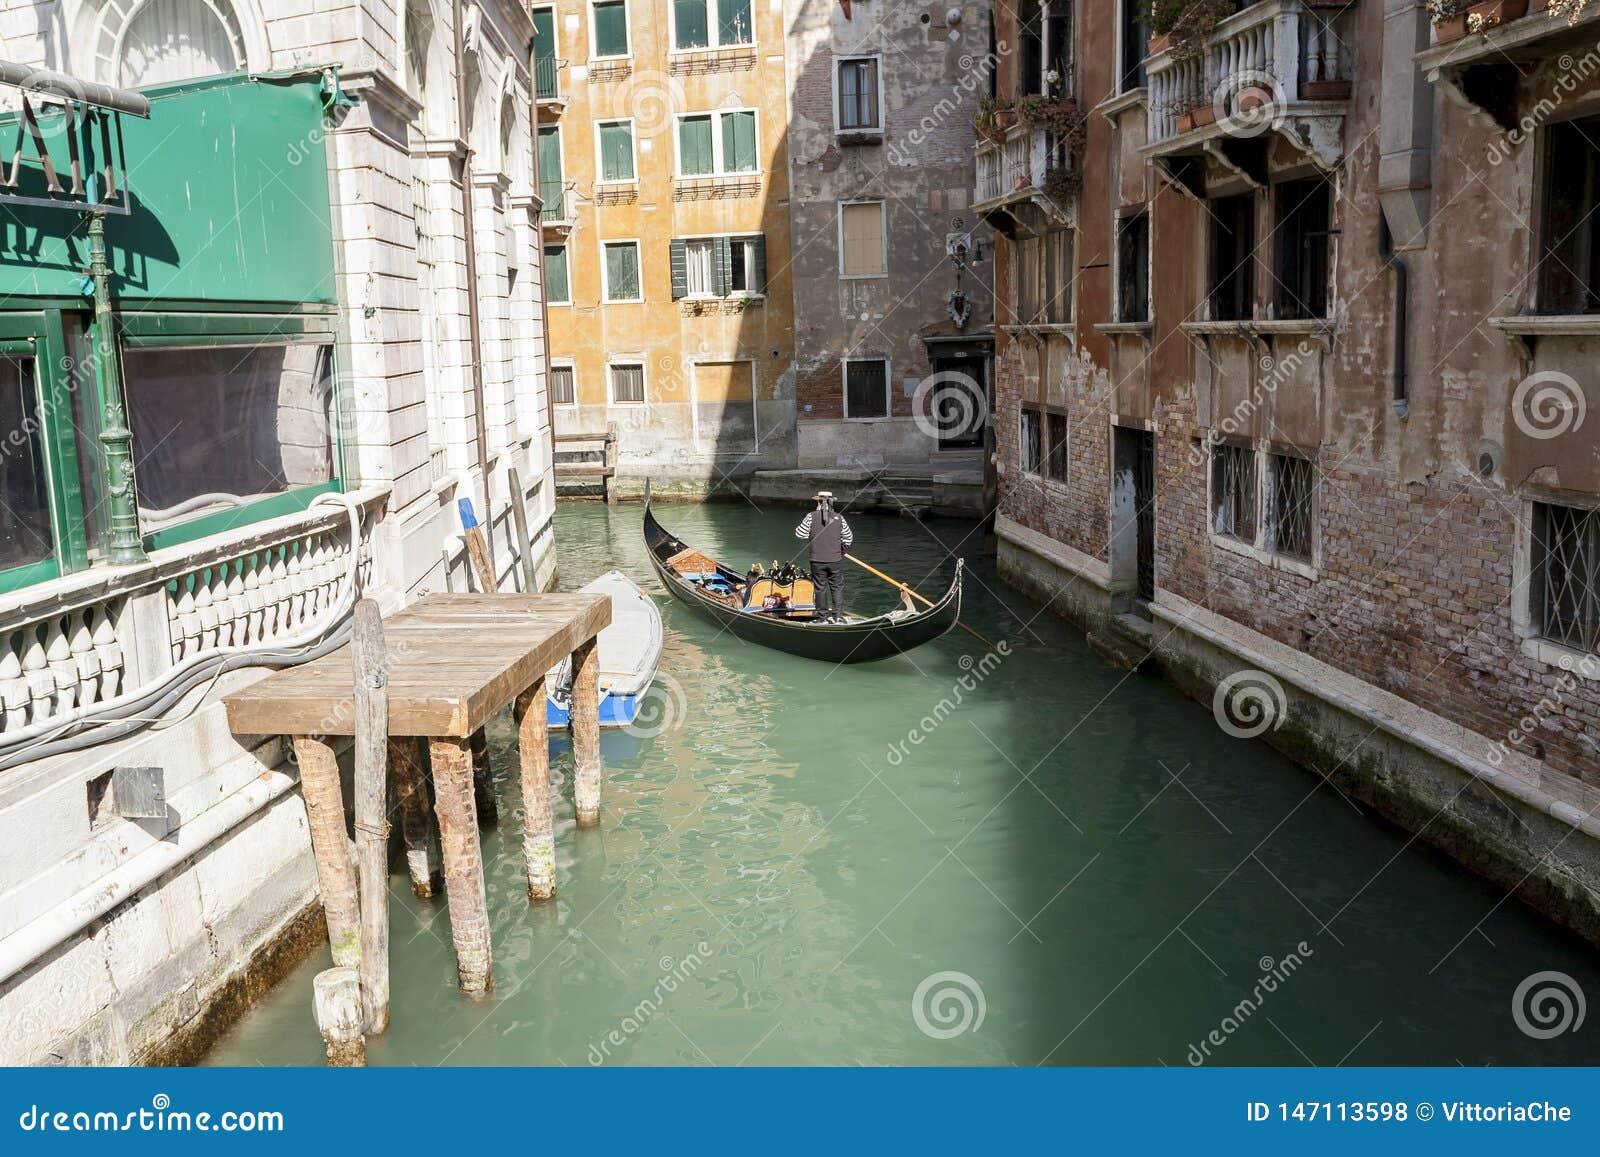 Venedig, Italien - 11. M?rz 2012: Typische Gondel mit Gondoliererudersport entlang einem schmalen Kanal in Venedig